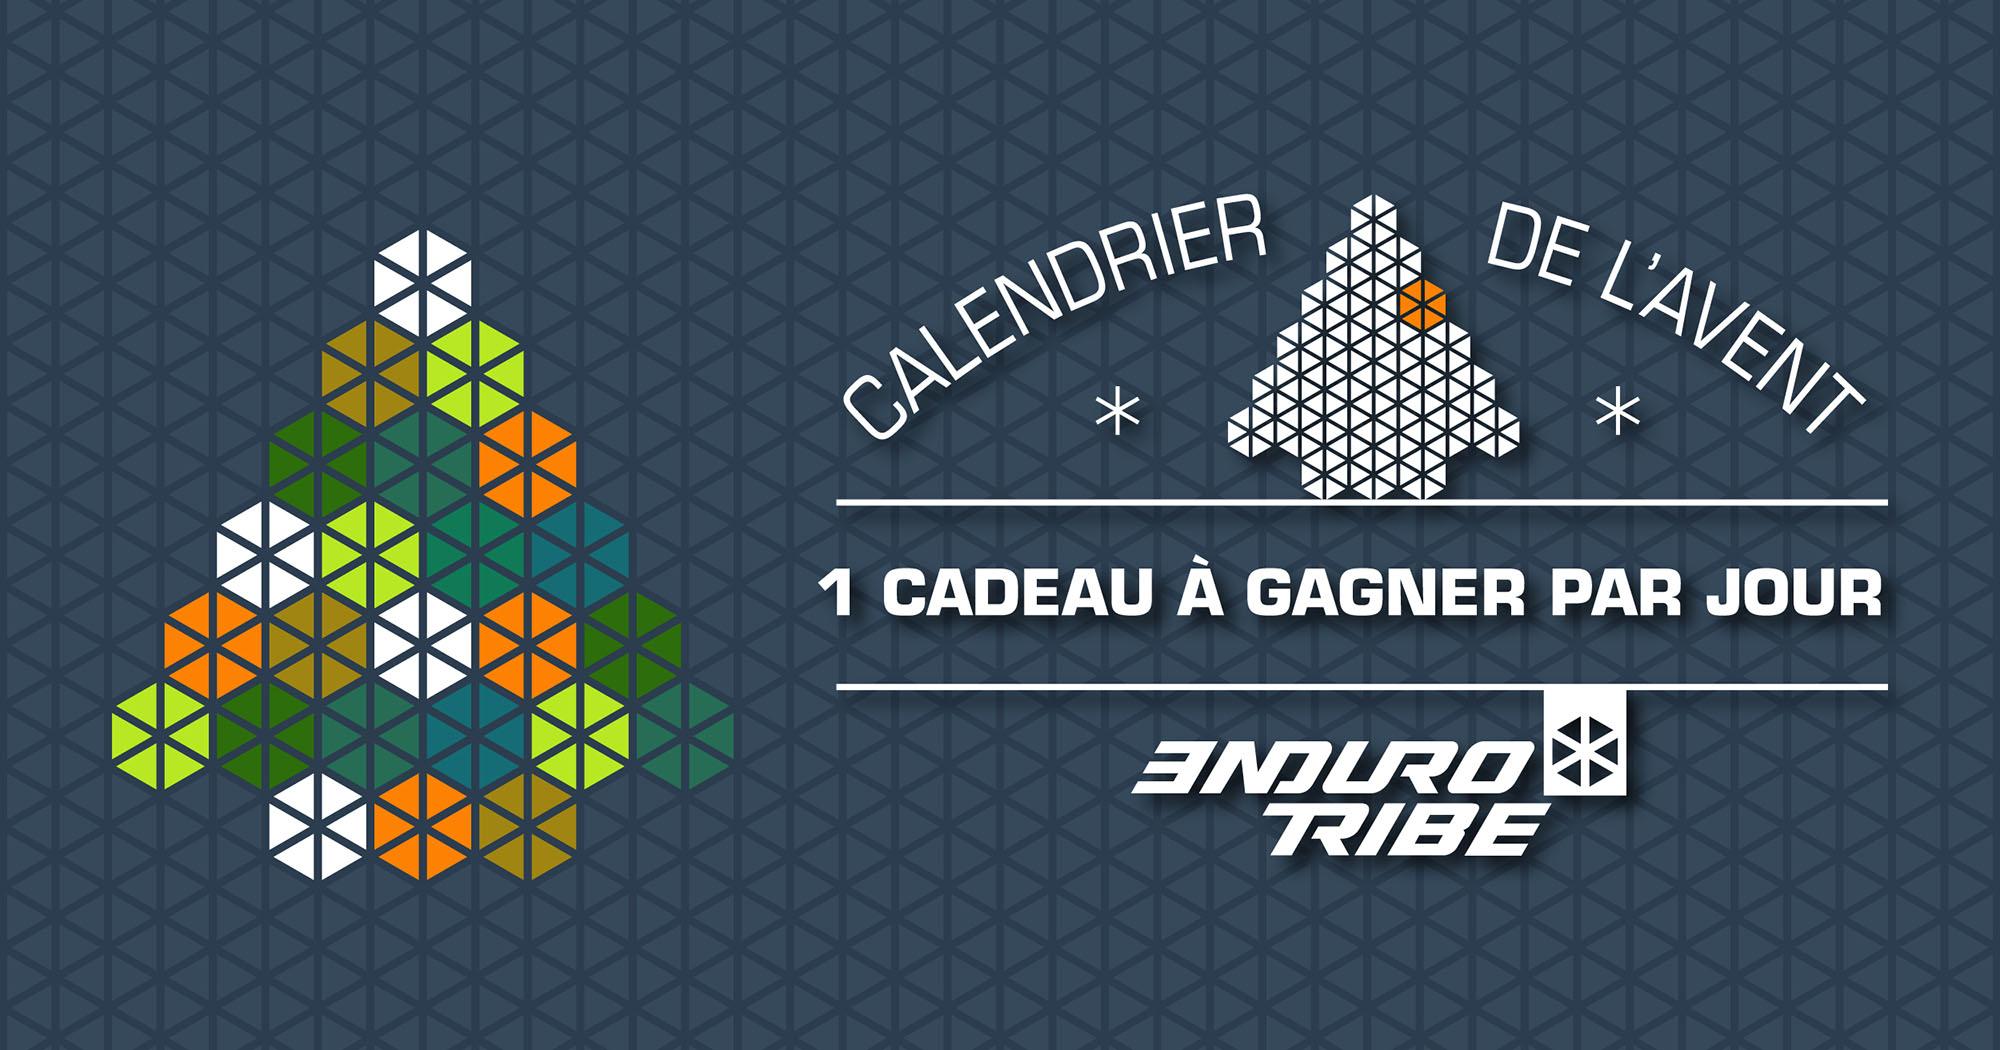 Jeu Concours Calendrier De Lavent 2020.Grand Jeu Calendrier De L Avent Endurotribe 2018 Inscrivez